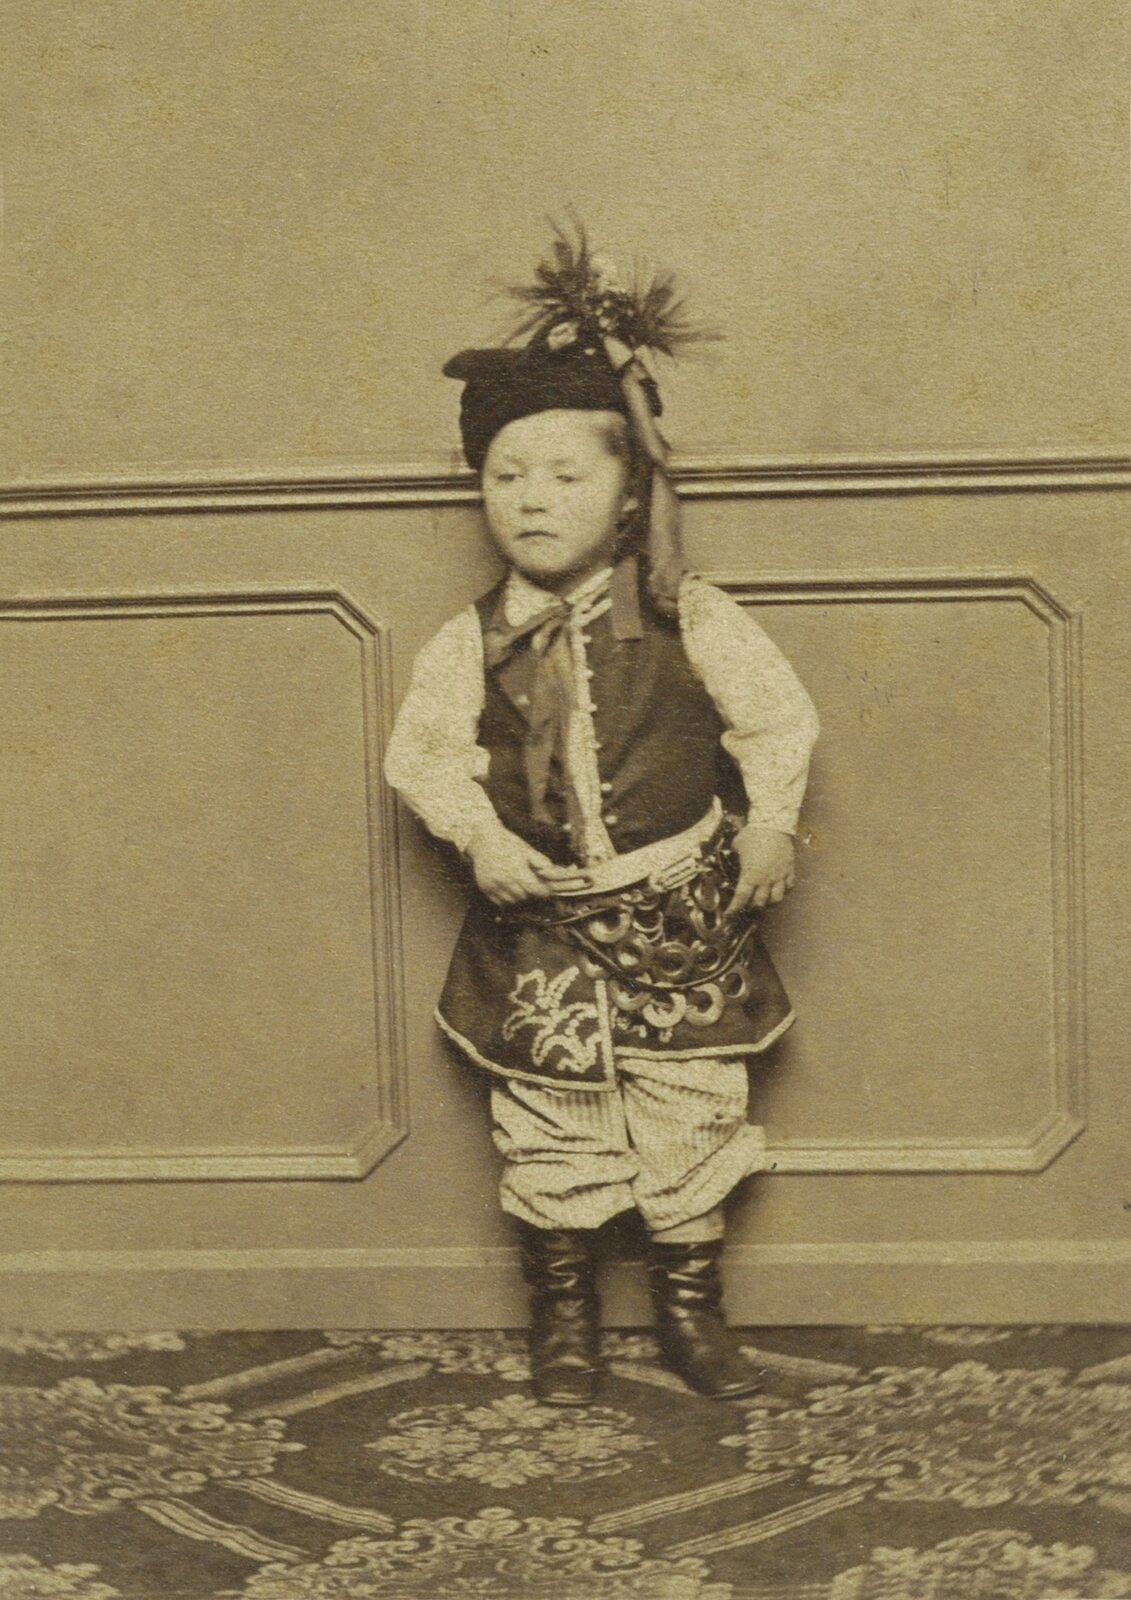 Portret dziecka wstroju krakowskim, ok. 1865 Portret dziecka wstroju krakowskim, ok. 1865 Źródło: domena publiczna.